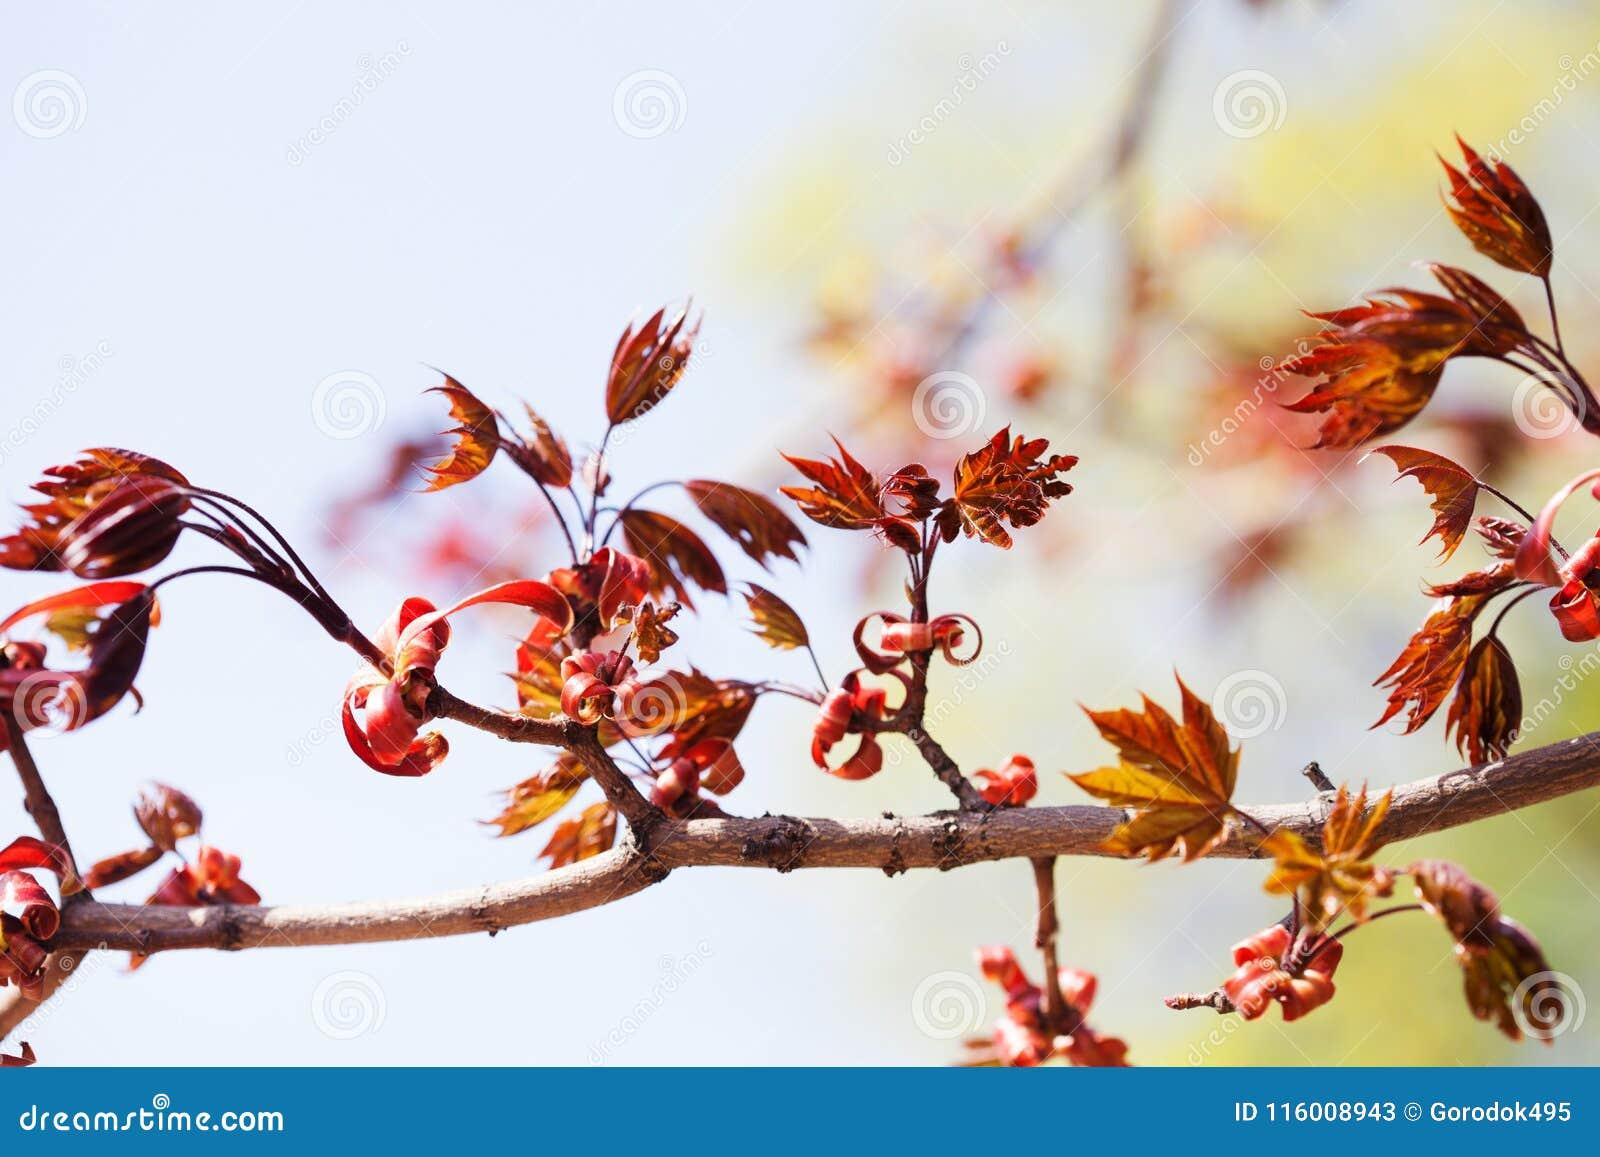 Όμορφο floral χρονικό ζωηρόχρωμο υπόβαθρο άνοιξη Κλάδος δέντρων σφενδάμνου με τα φρέσκα κόκκινα φύλλα μαλακή εστίαση, ρηχό βάθος